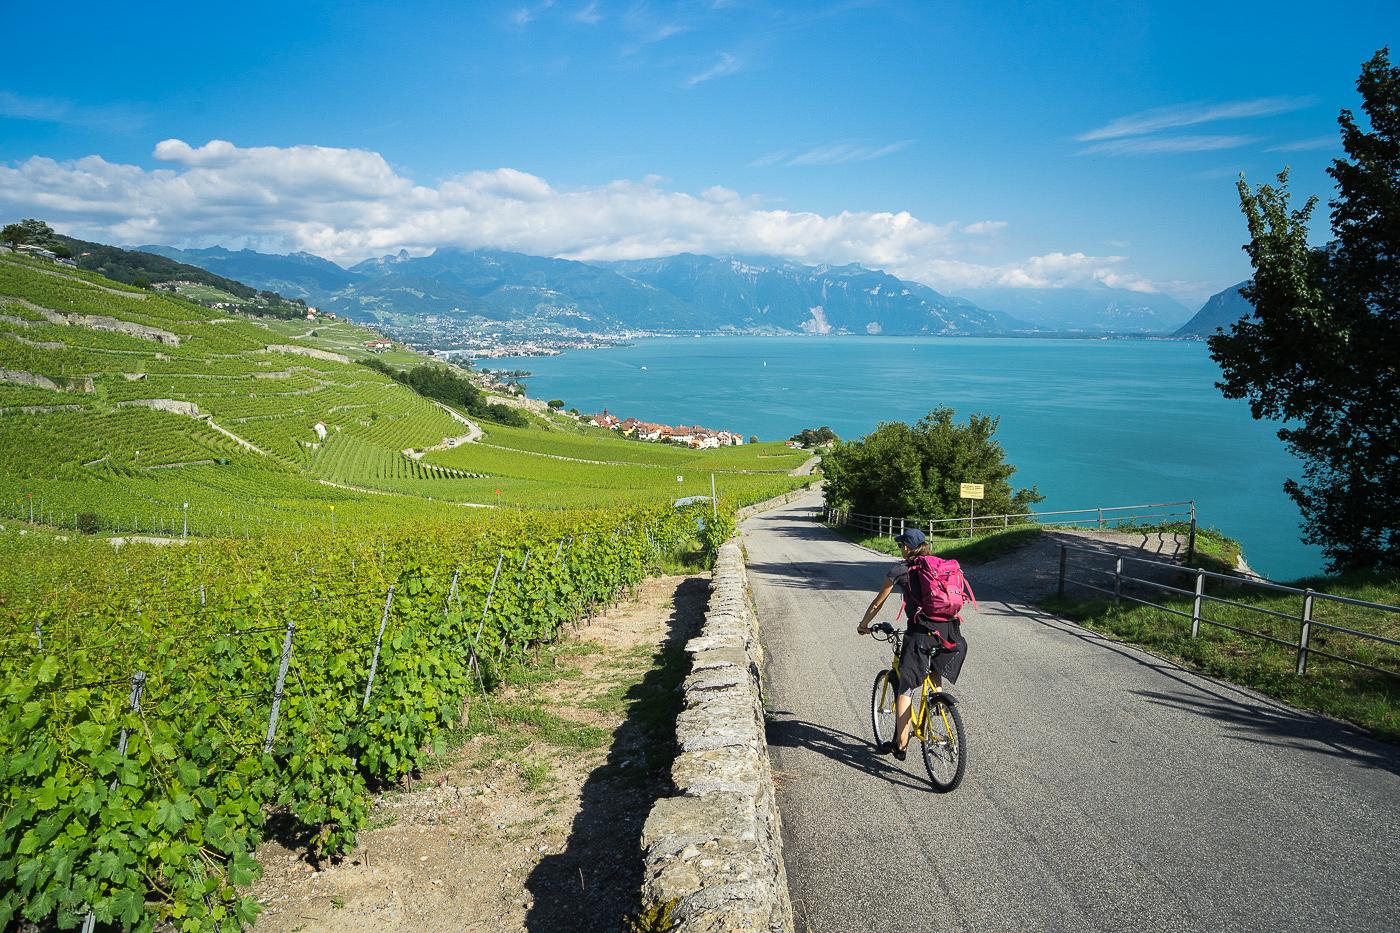 Route du Rhône en Suisse et France à vélo par Du monde au tournant